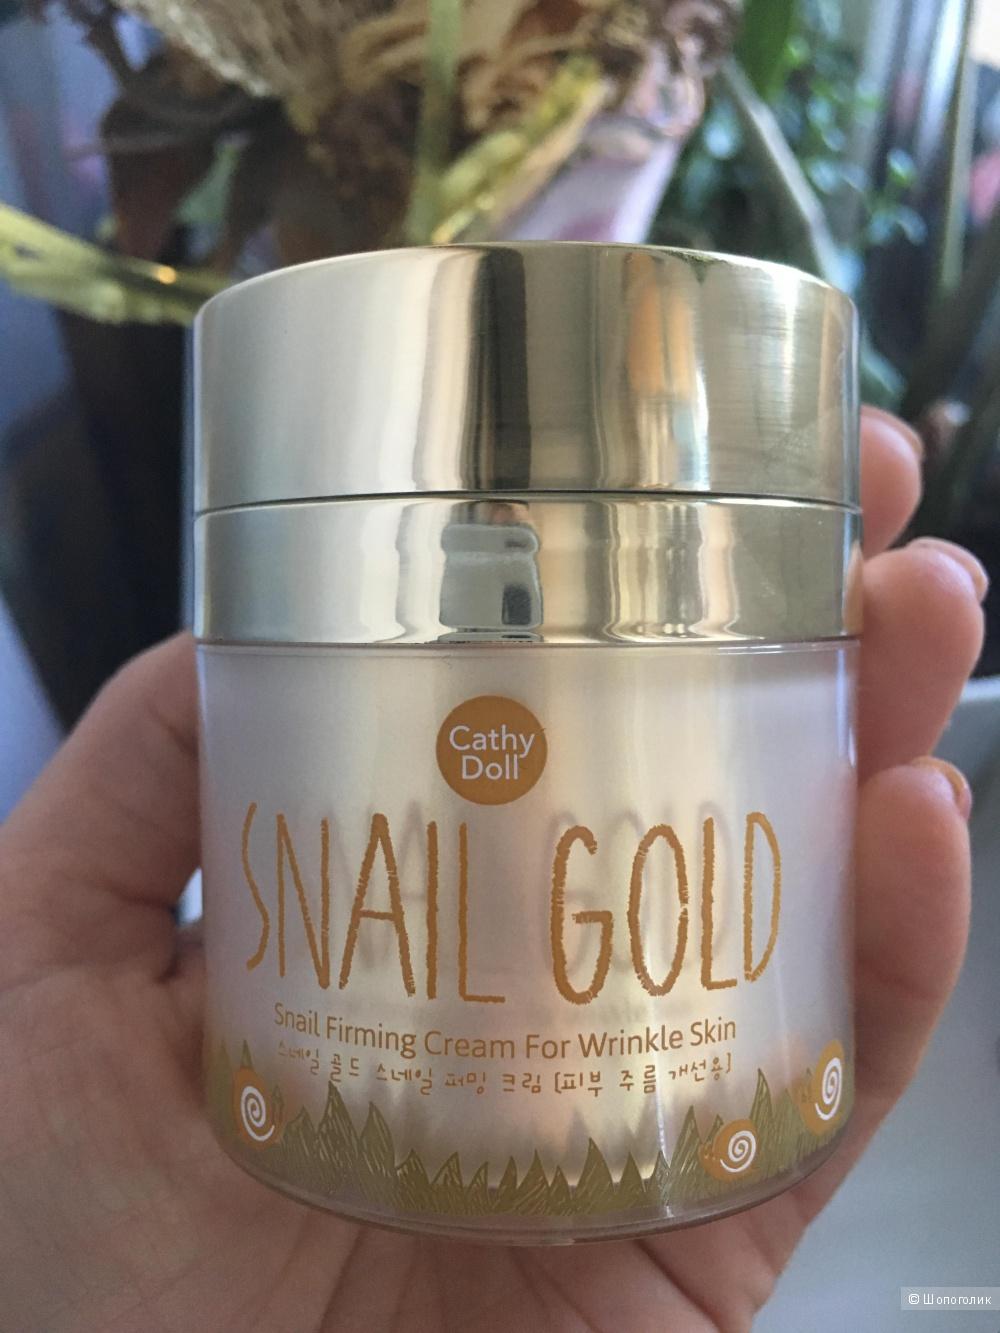 Улиточный крем Snail Gold, 50 гр.